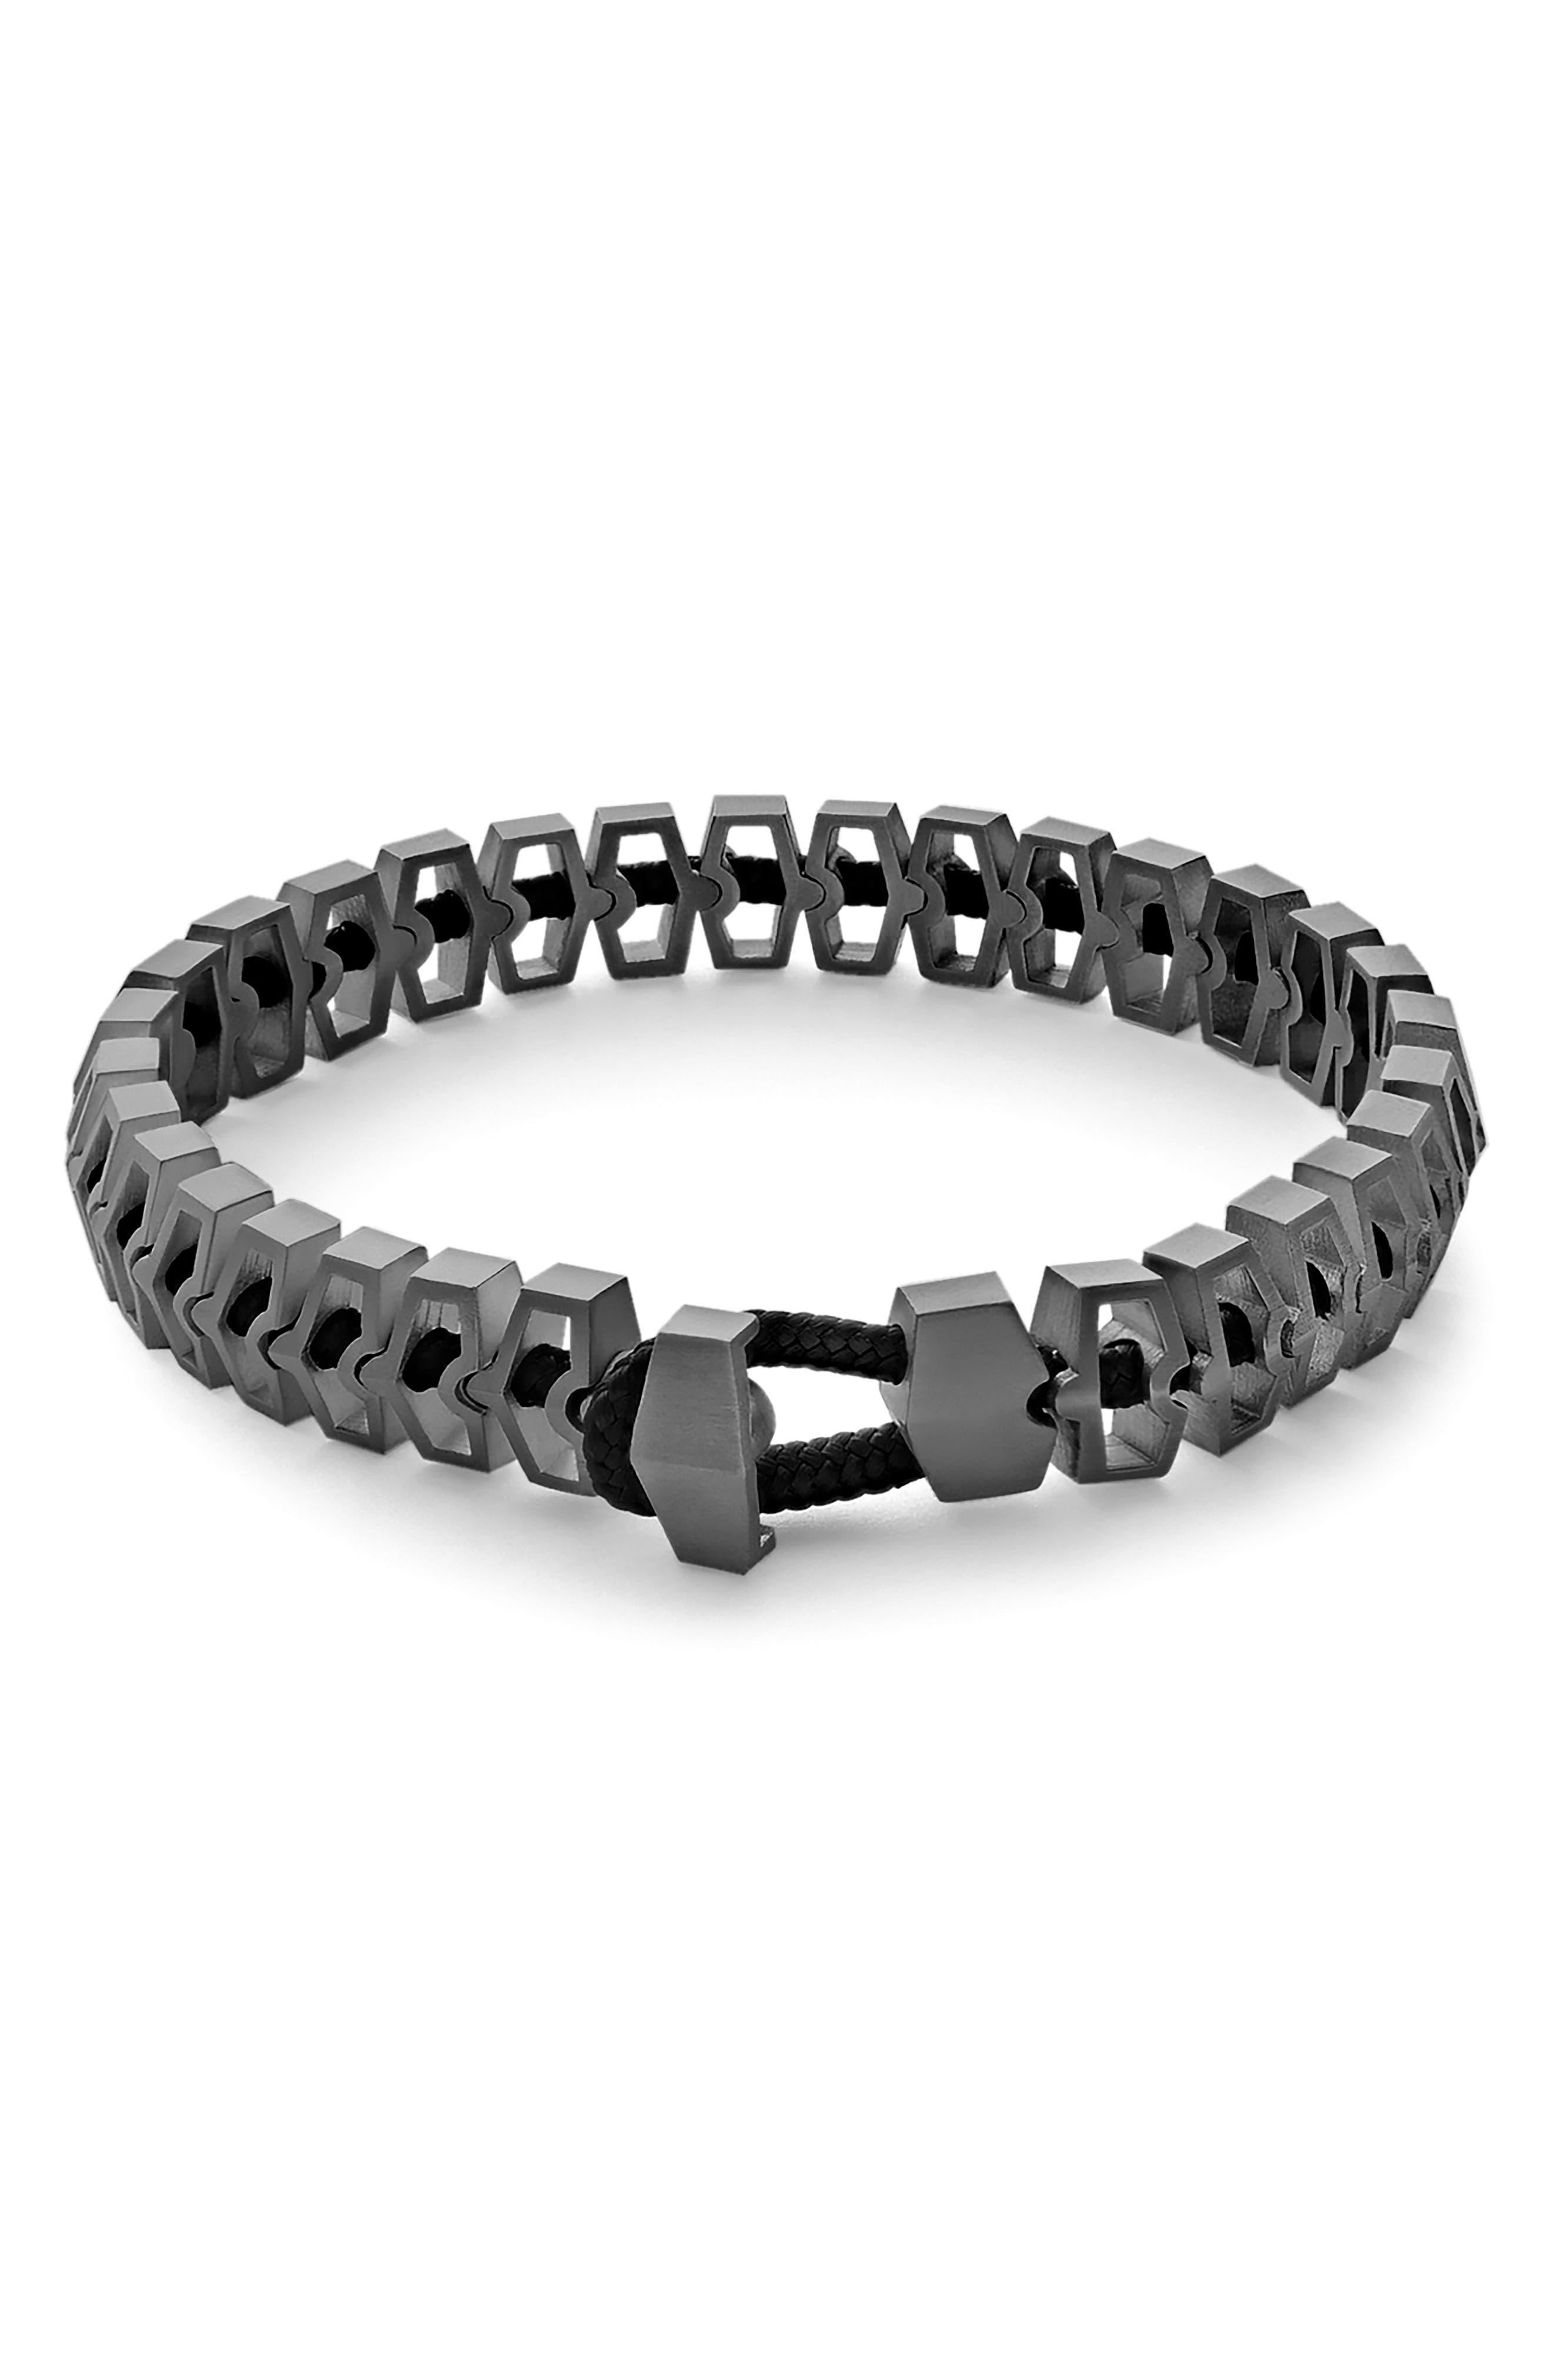 Harbour Bracelet,                             Main thumbnail 1, color,                             SOLID BLACK